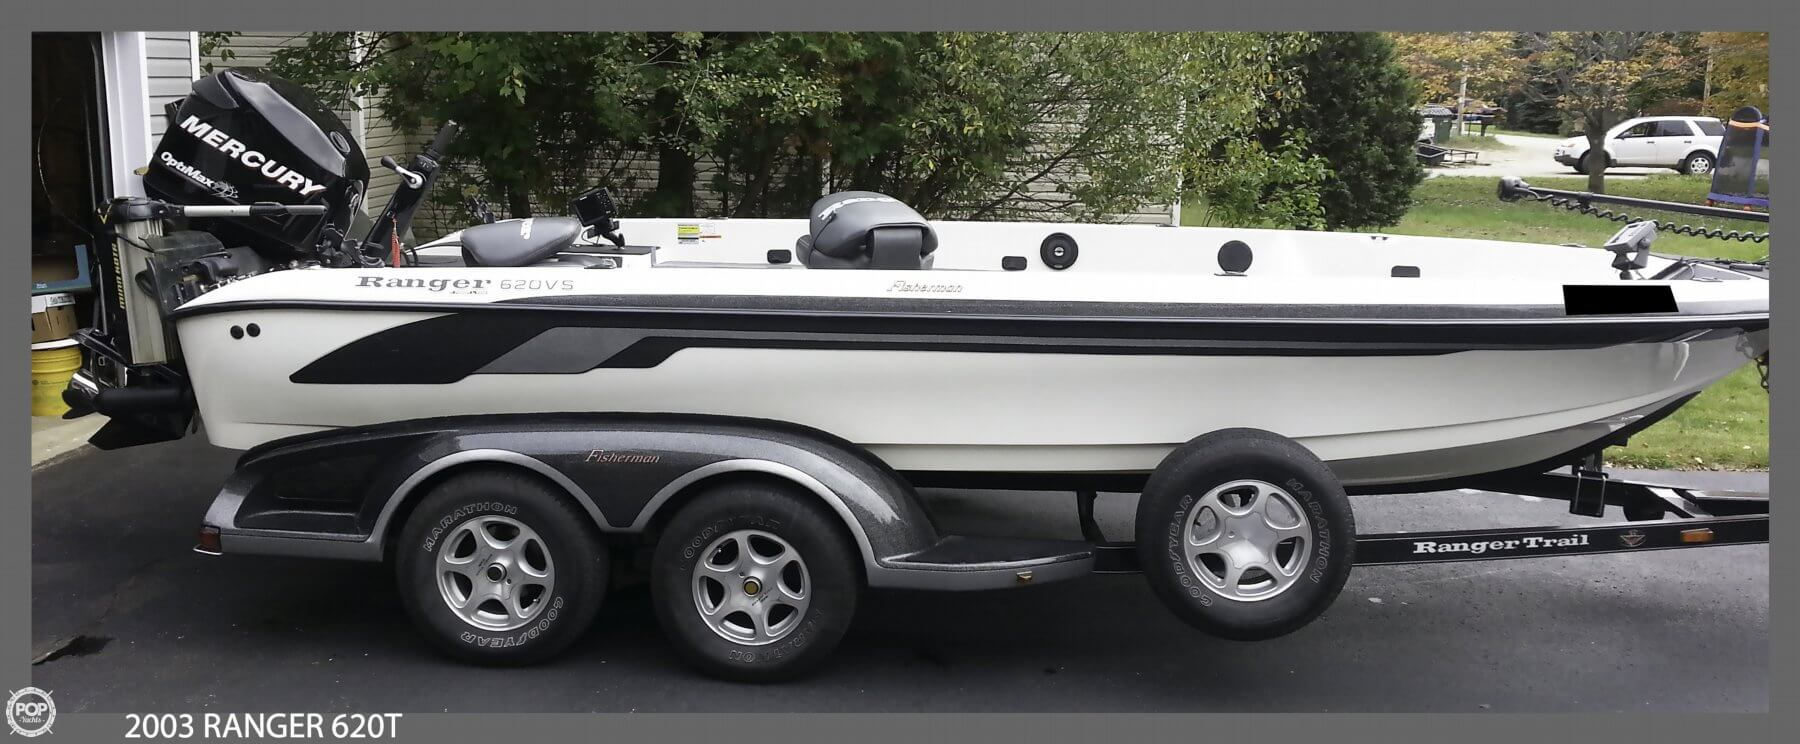 2003 Ranger 620T For Sale